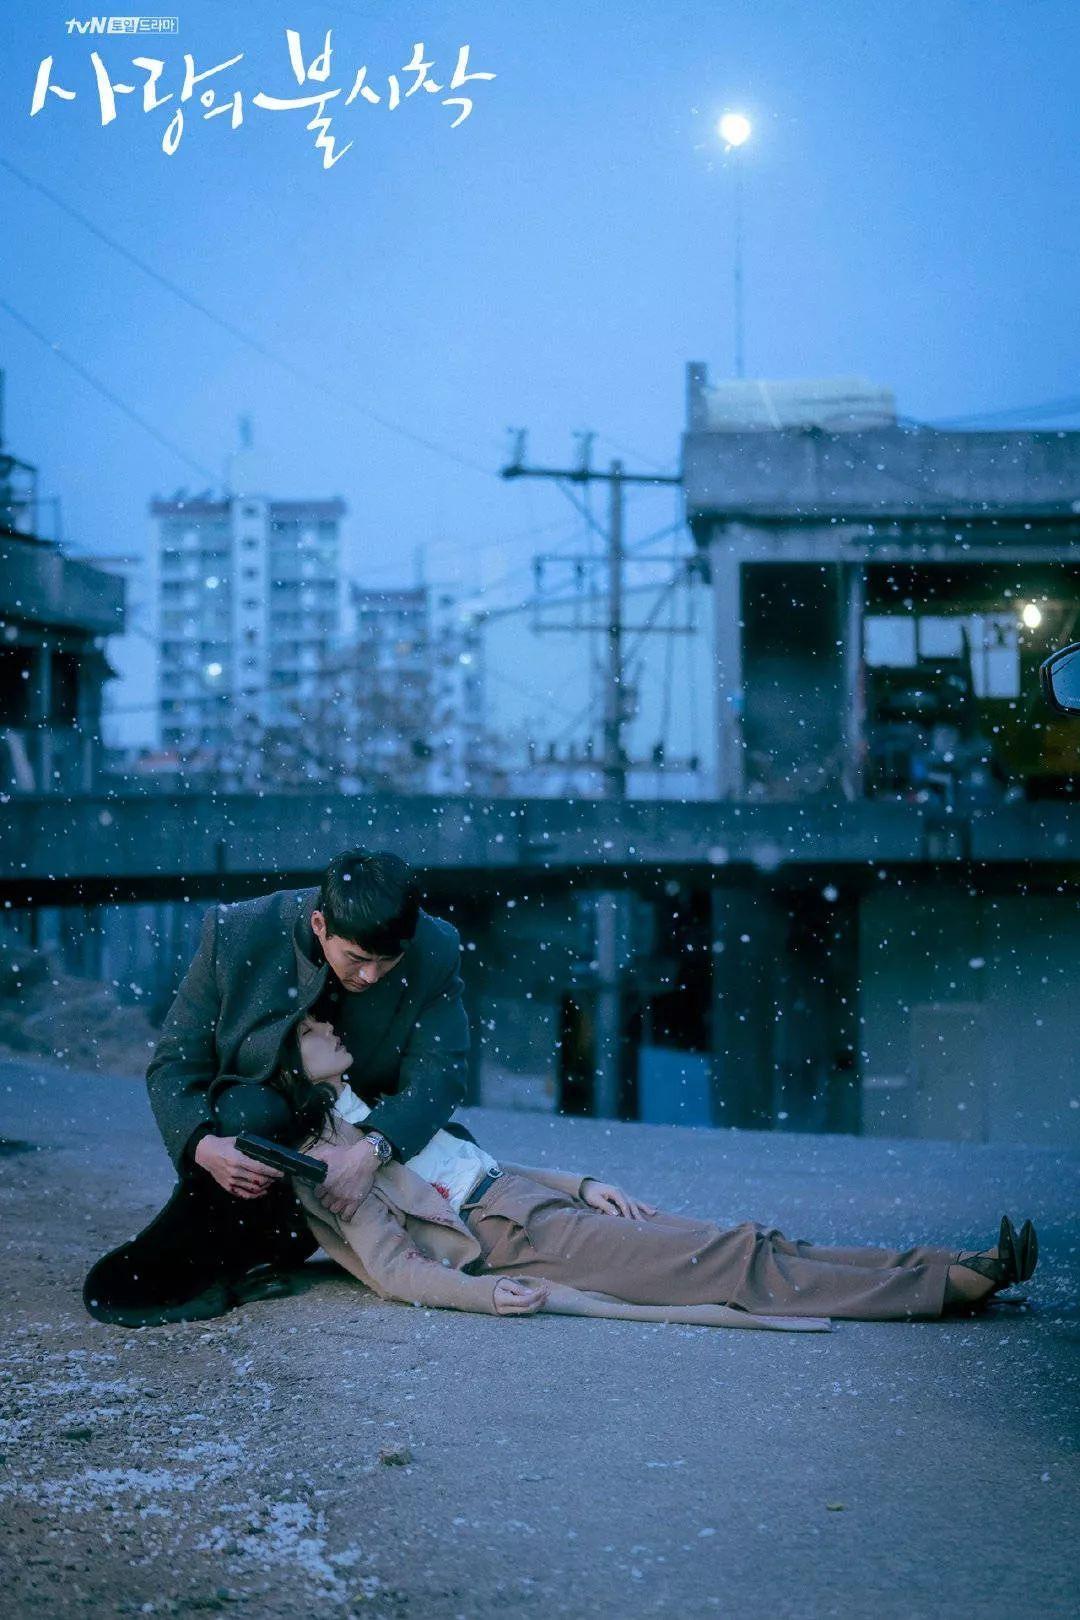 韩剧《爱的迫降/사랑의 불시착》全集高清百度云下载图片 第1张